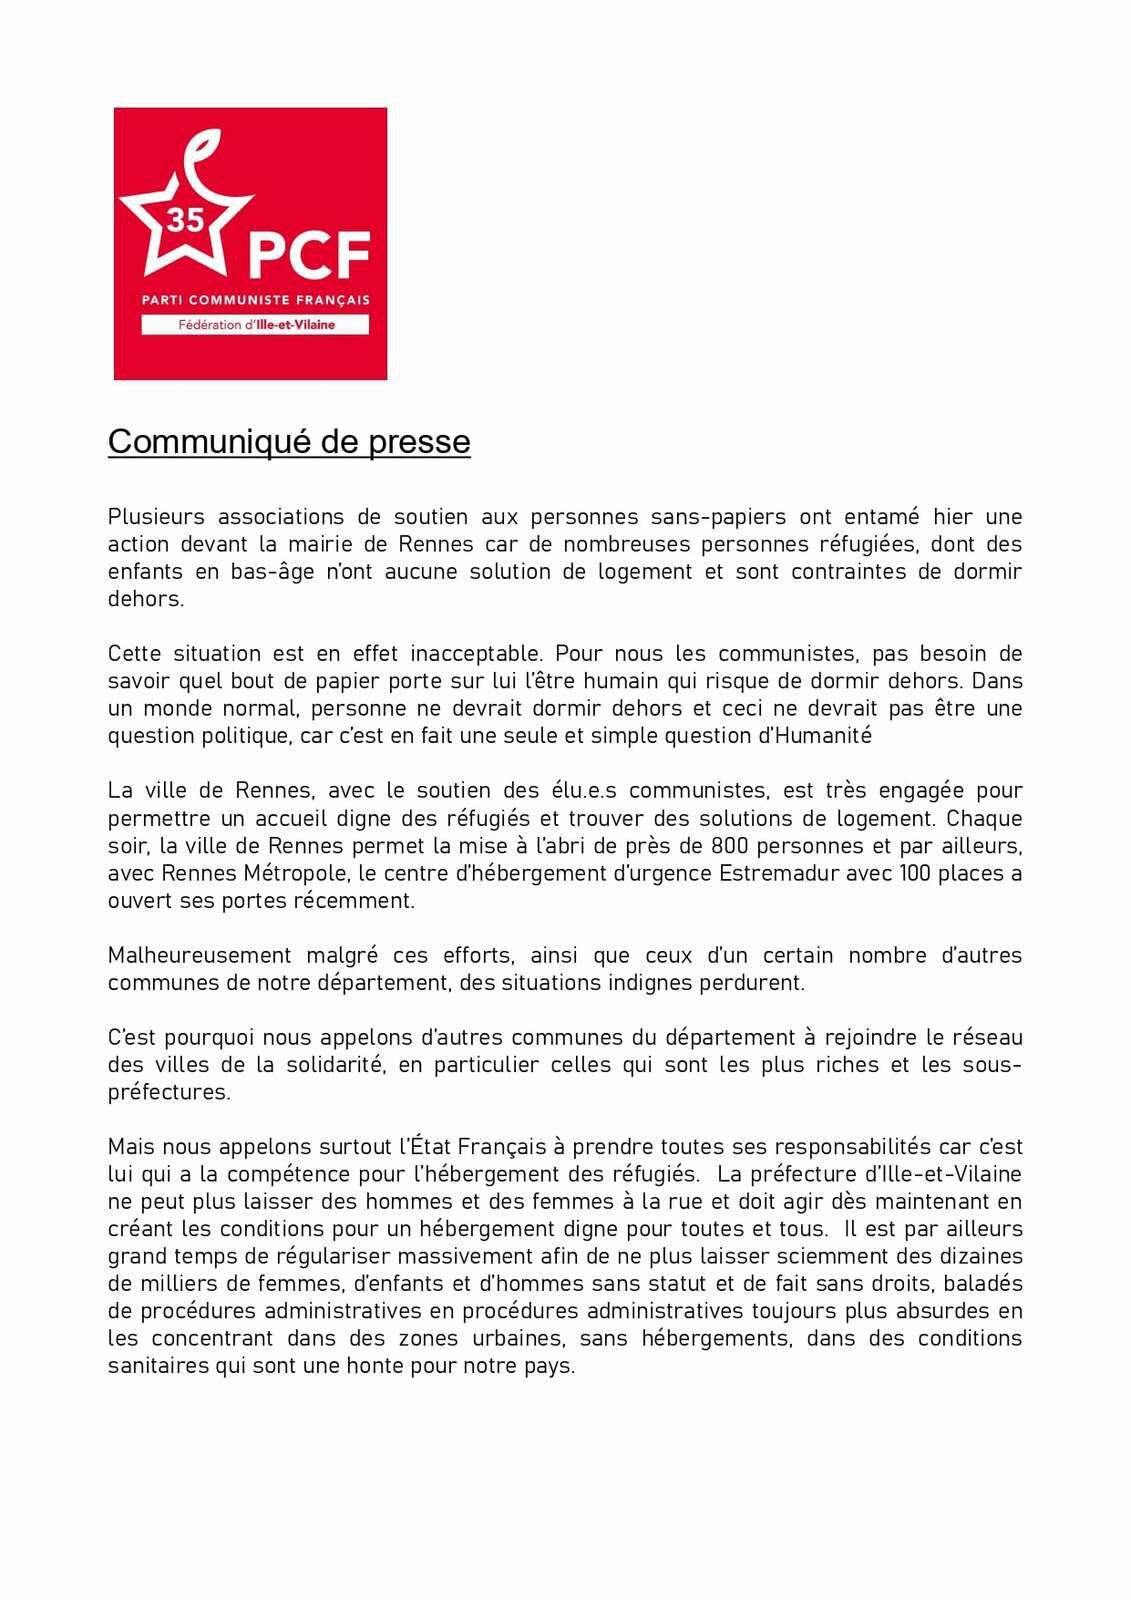 Action des Sans-papiers à Rennes - Communiqué des communistes d'Ille-et-Vilaine